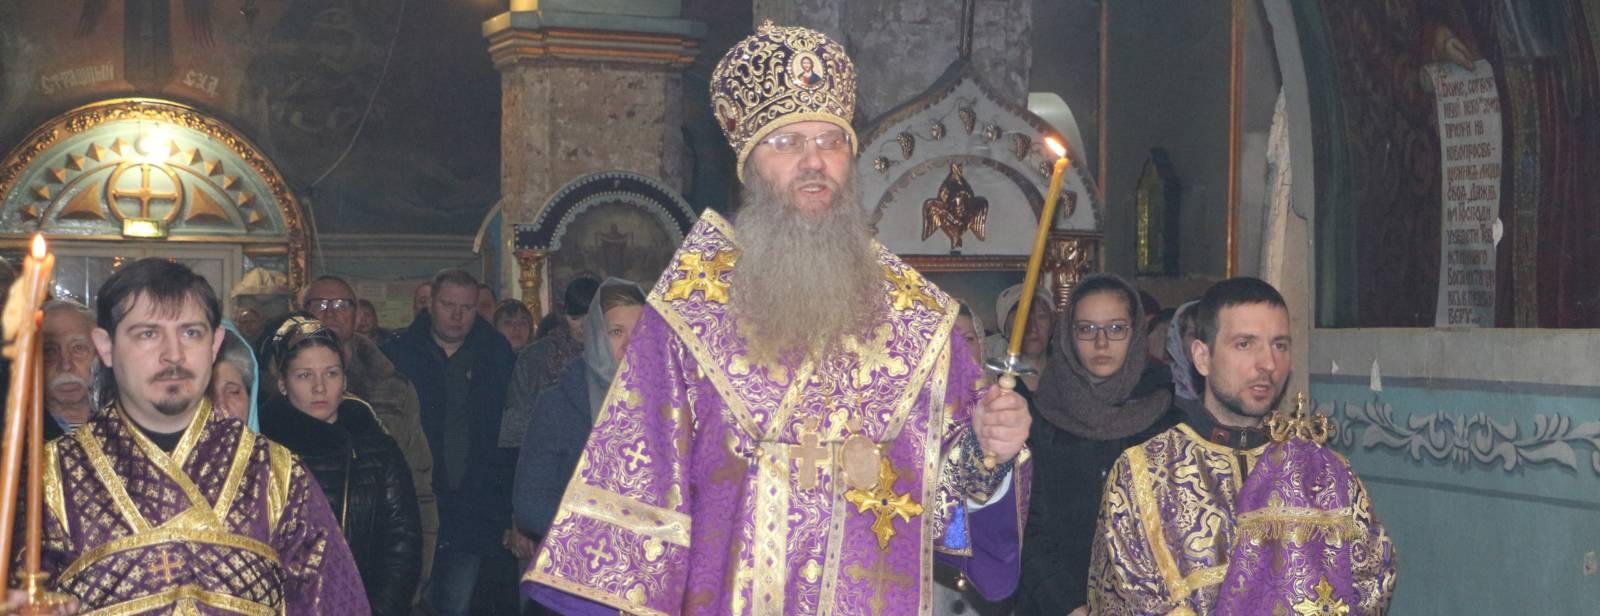 Всенощное бдение в канун 1-й недели Великого поста в Покровском соборе г. Урюпинска.